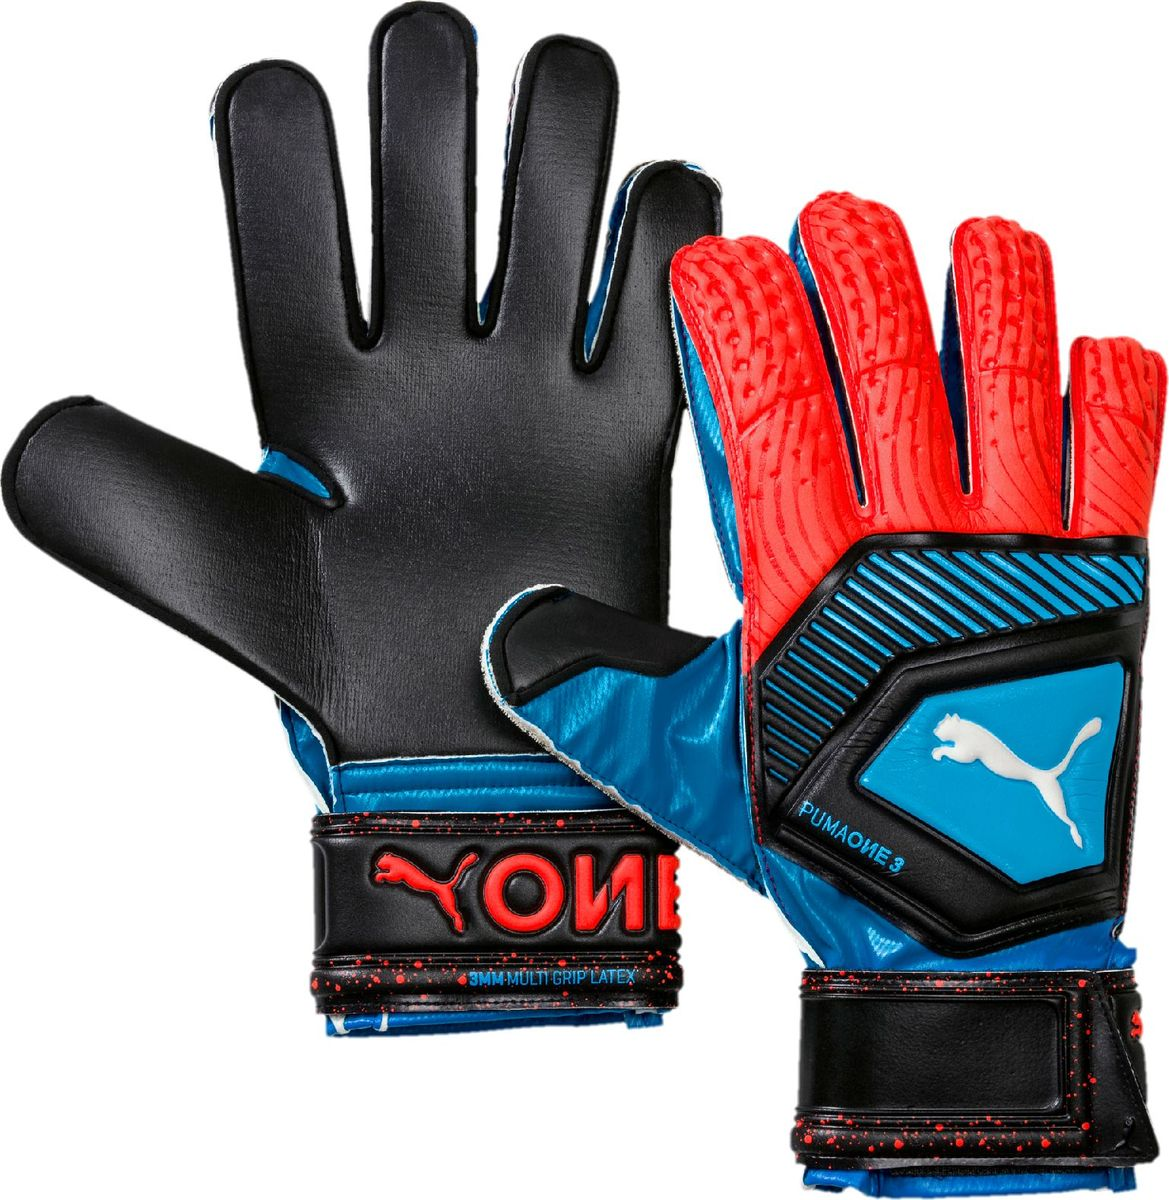 Перчатки вратарские Puma One Protect 3, 04148021, голубой, черный, размер 9 цена